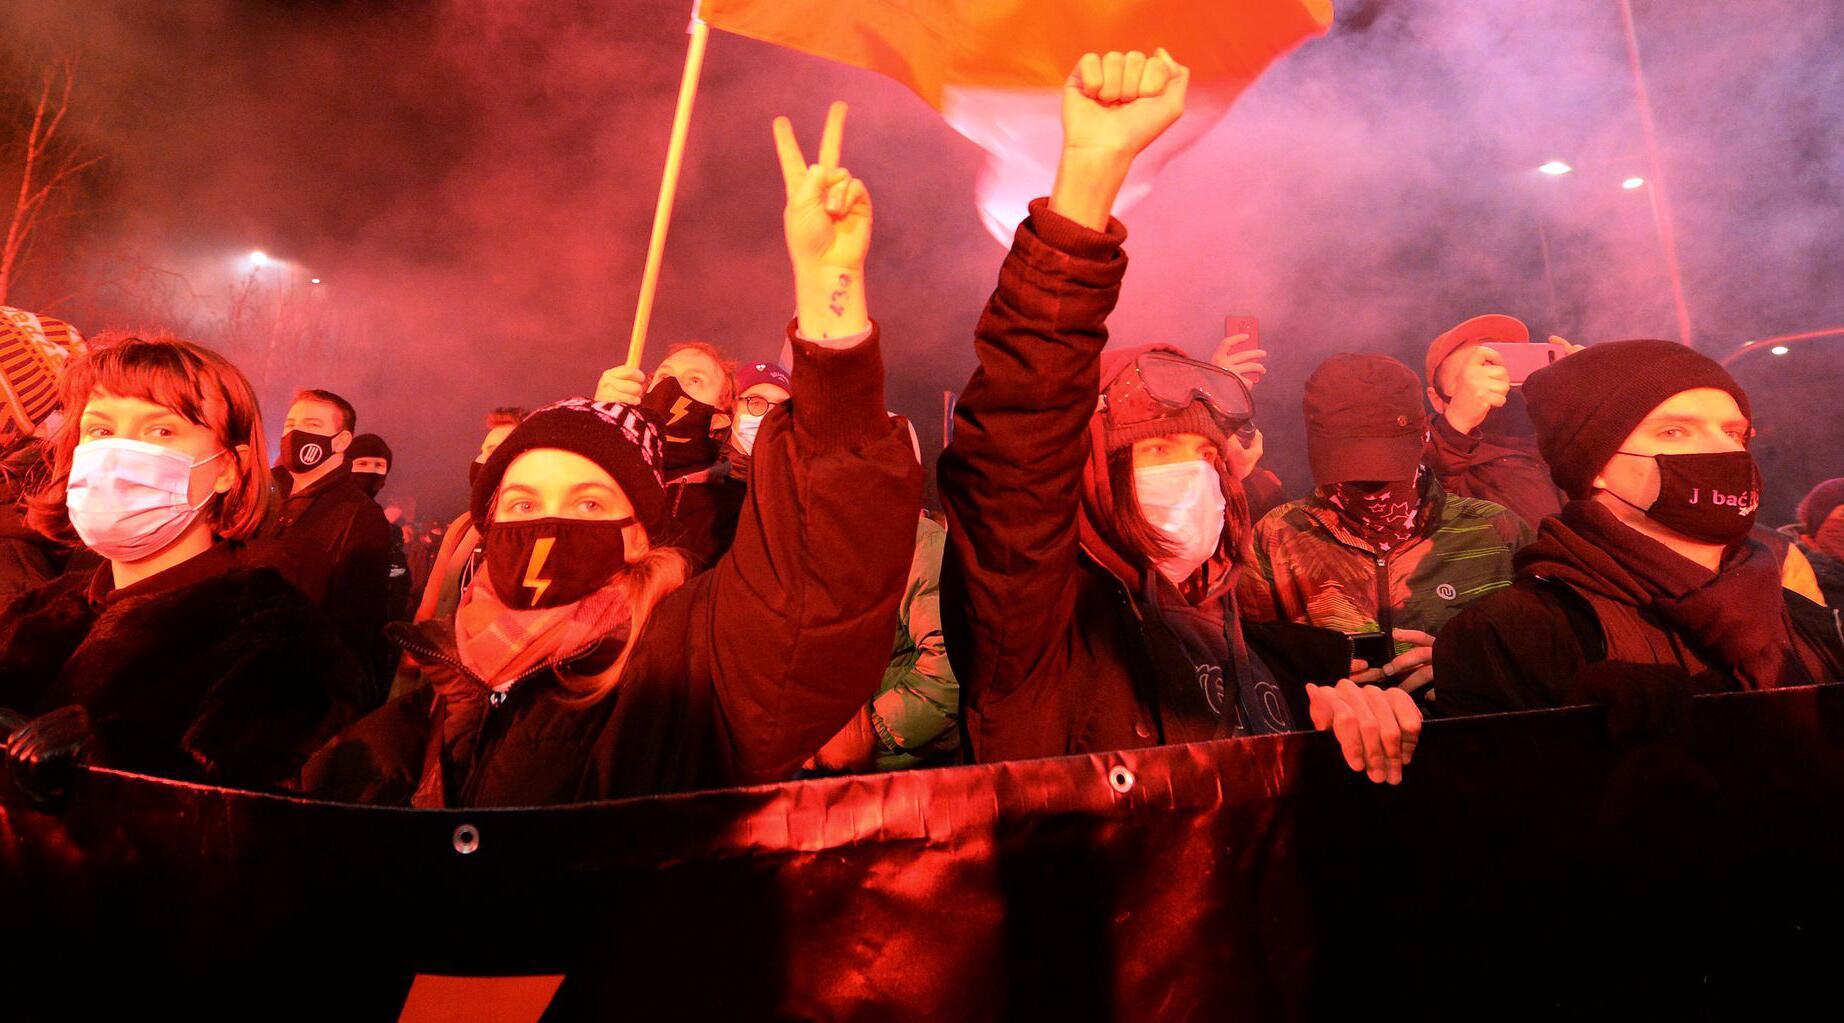 Bild zu Proteste gegen verschärftes Abtreibungsrecht in Polen